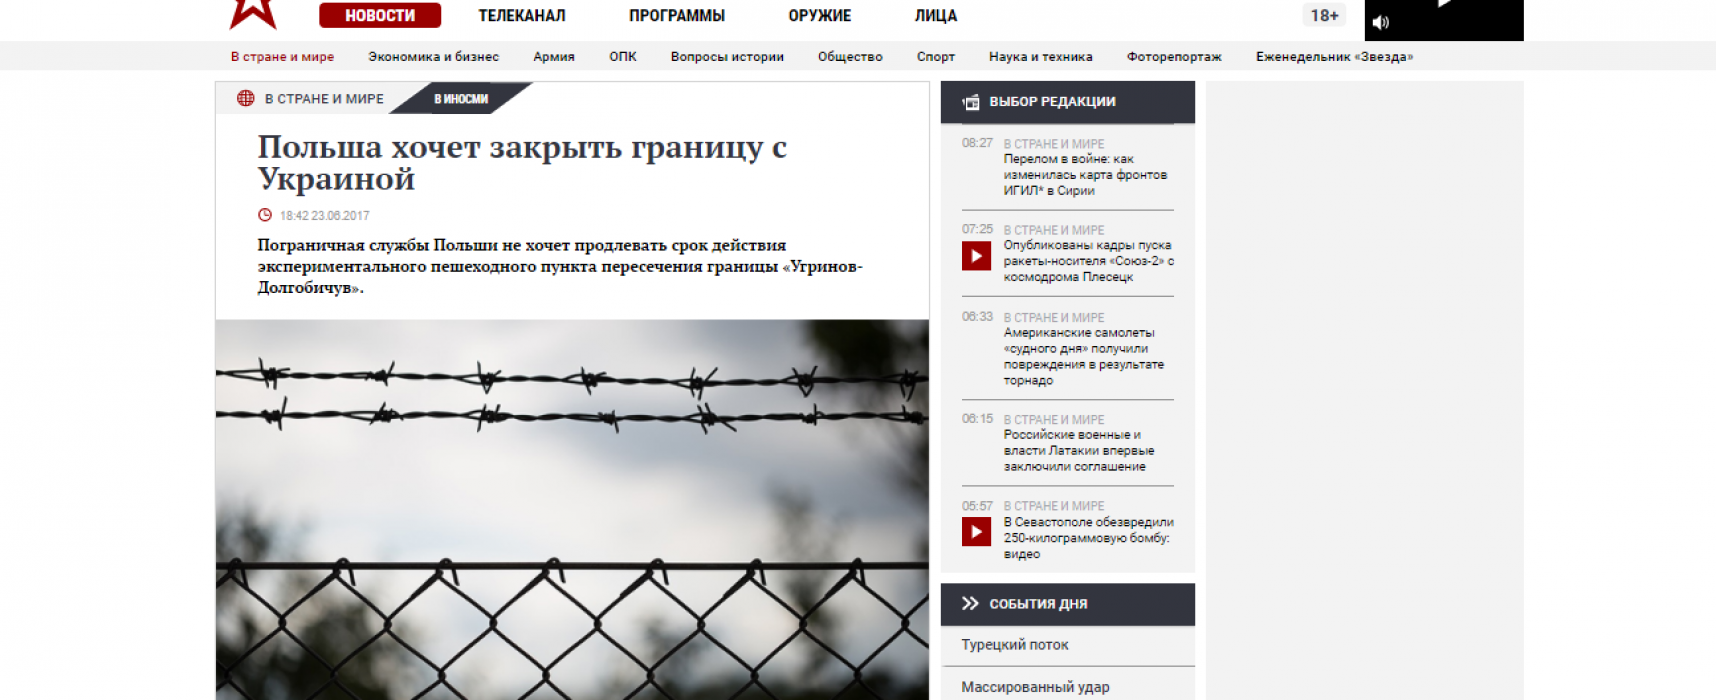 Fake: Polen schließt Grenze zu Ukraine